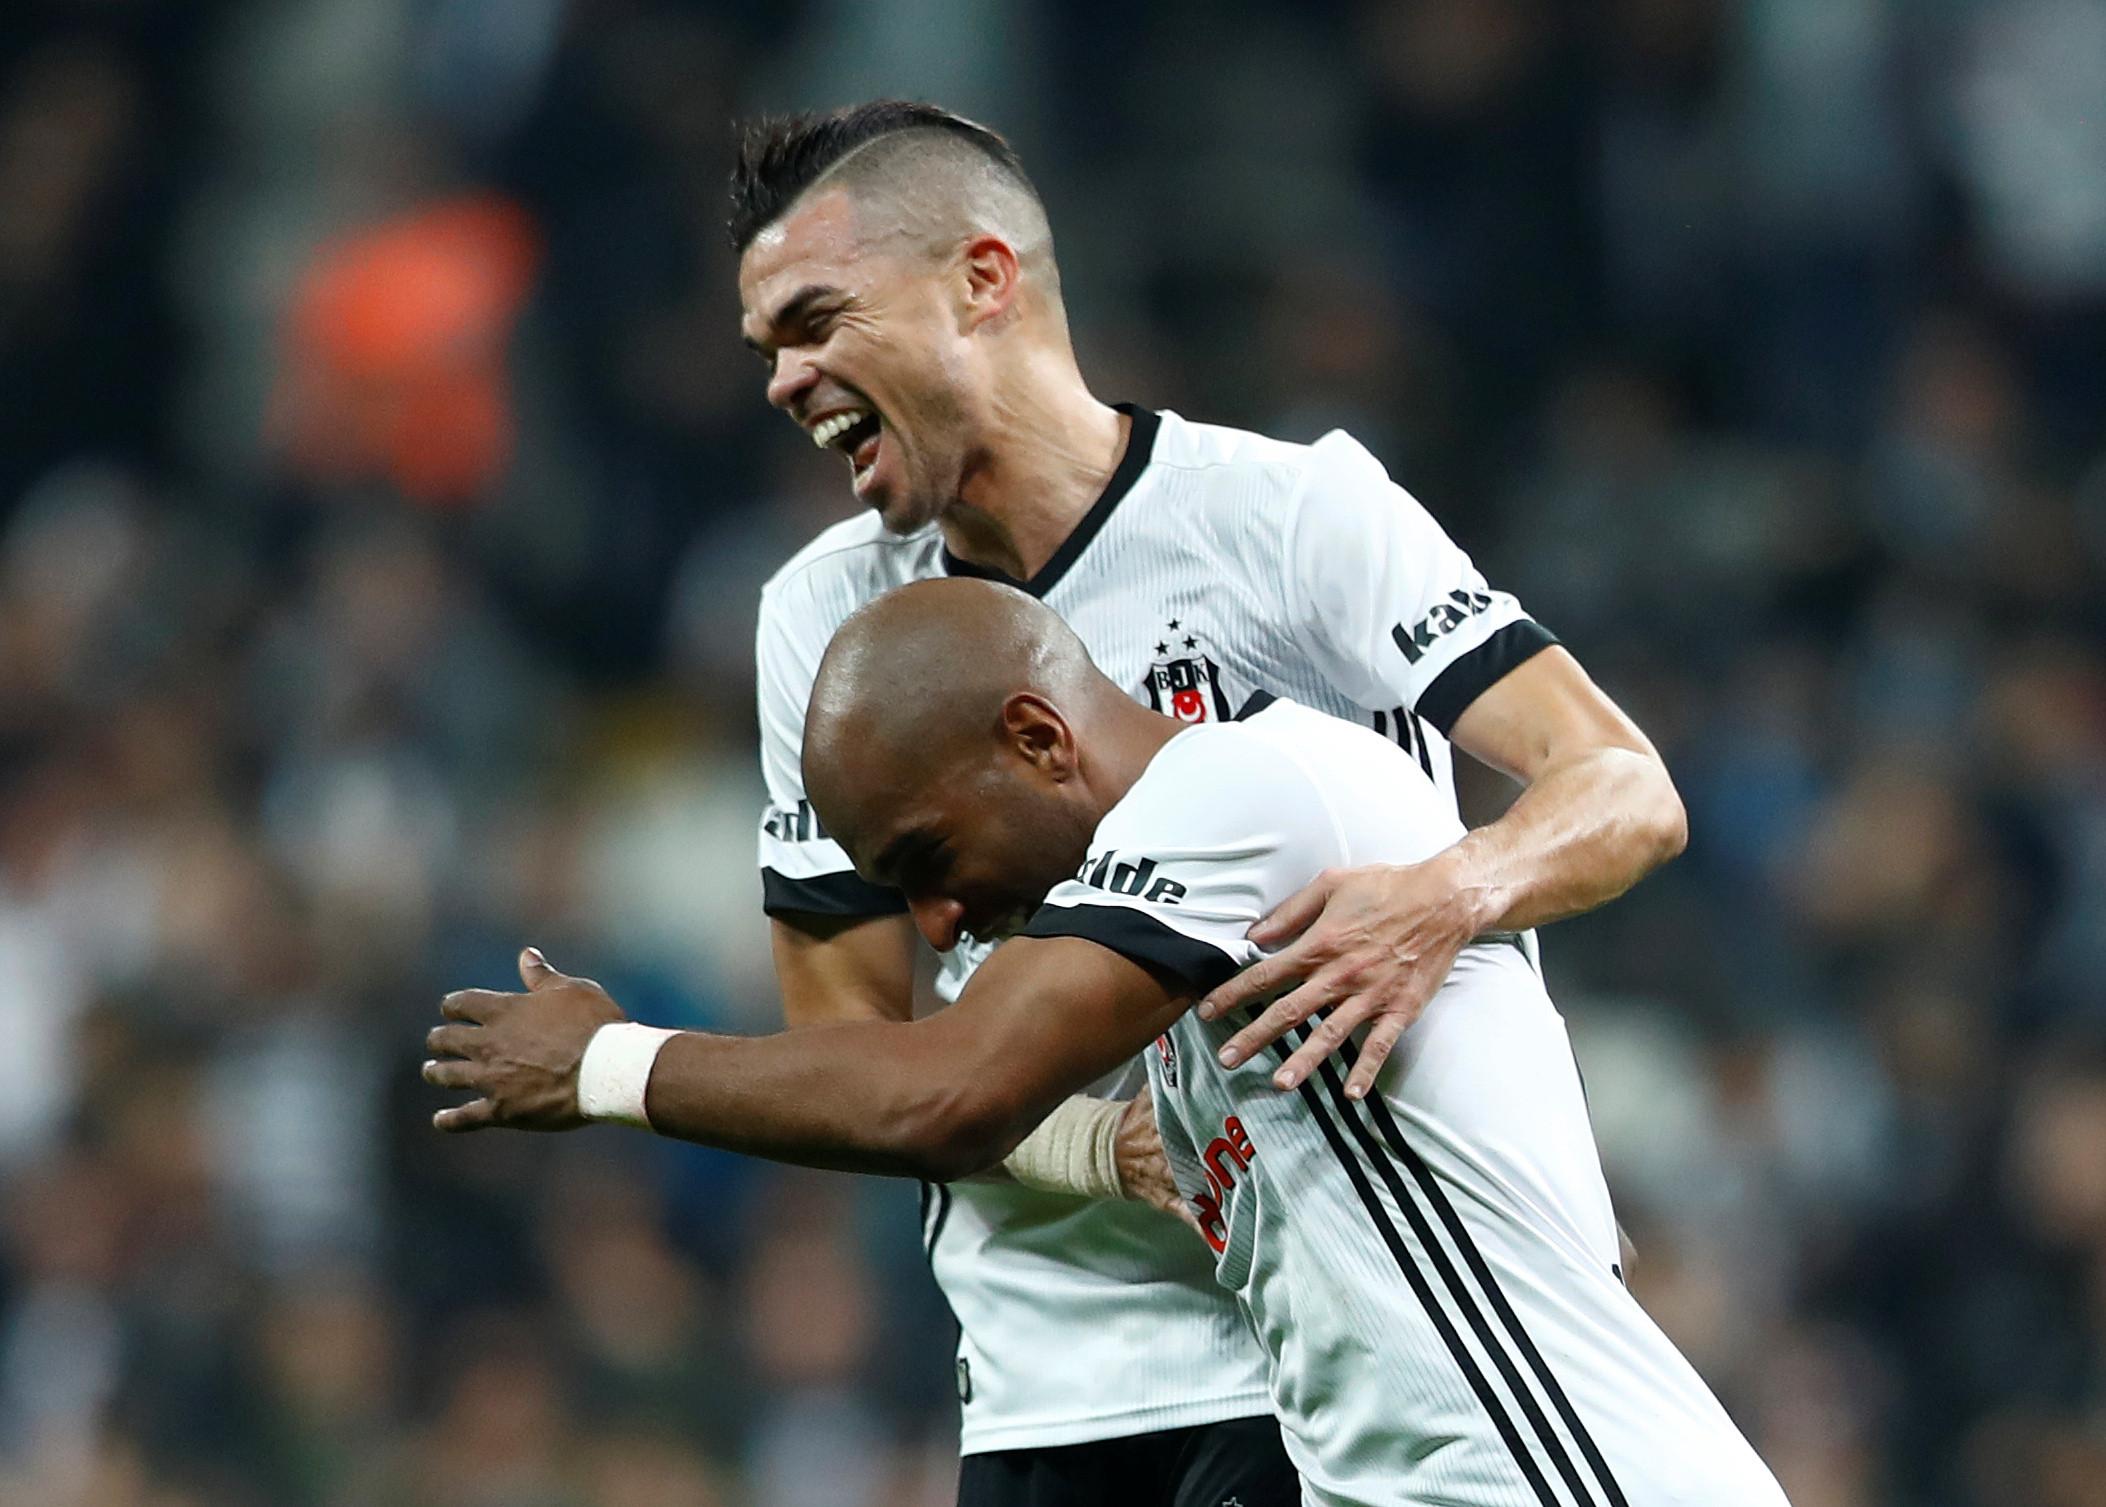 Atenção FC Porto: Italianos colocam Pepe a caminho do Monaco